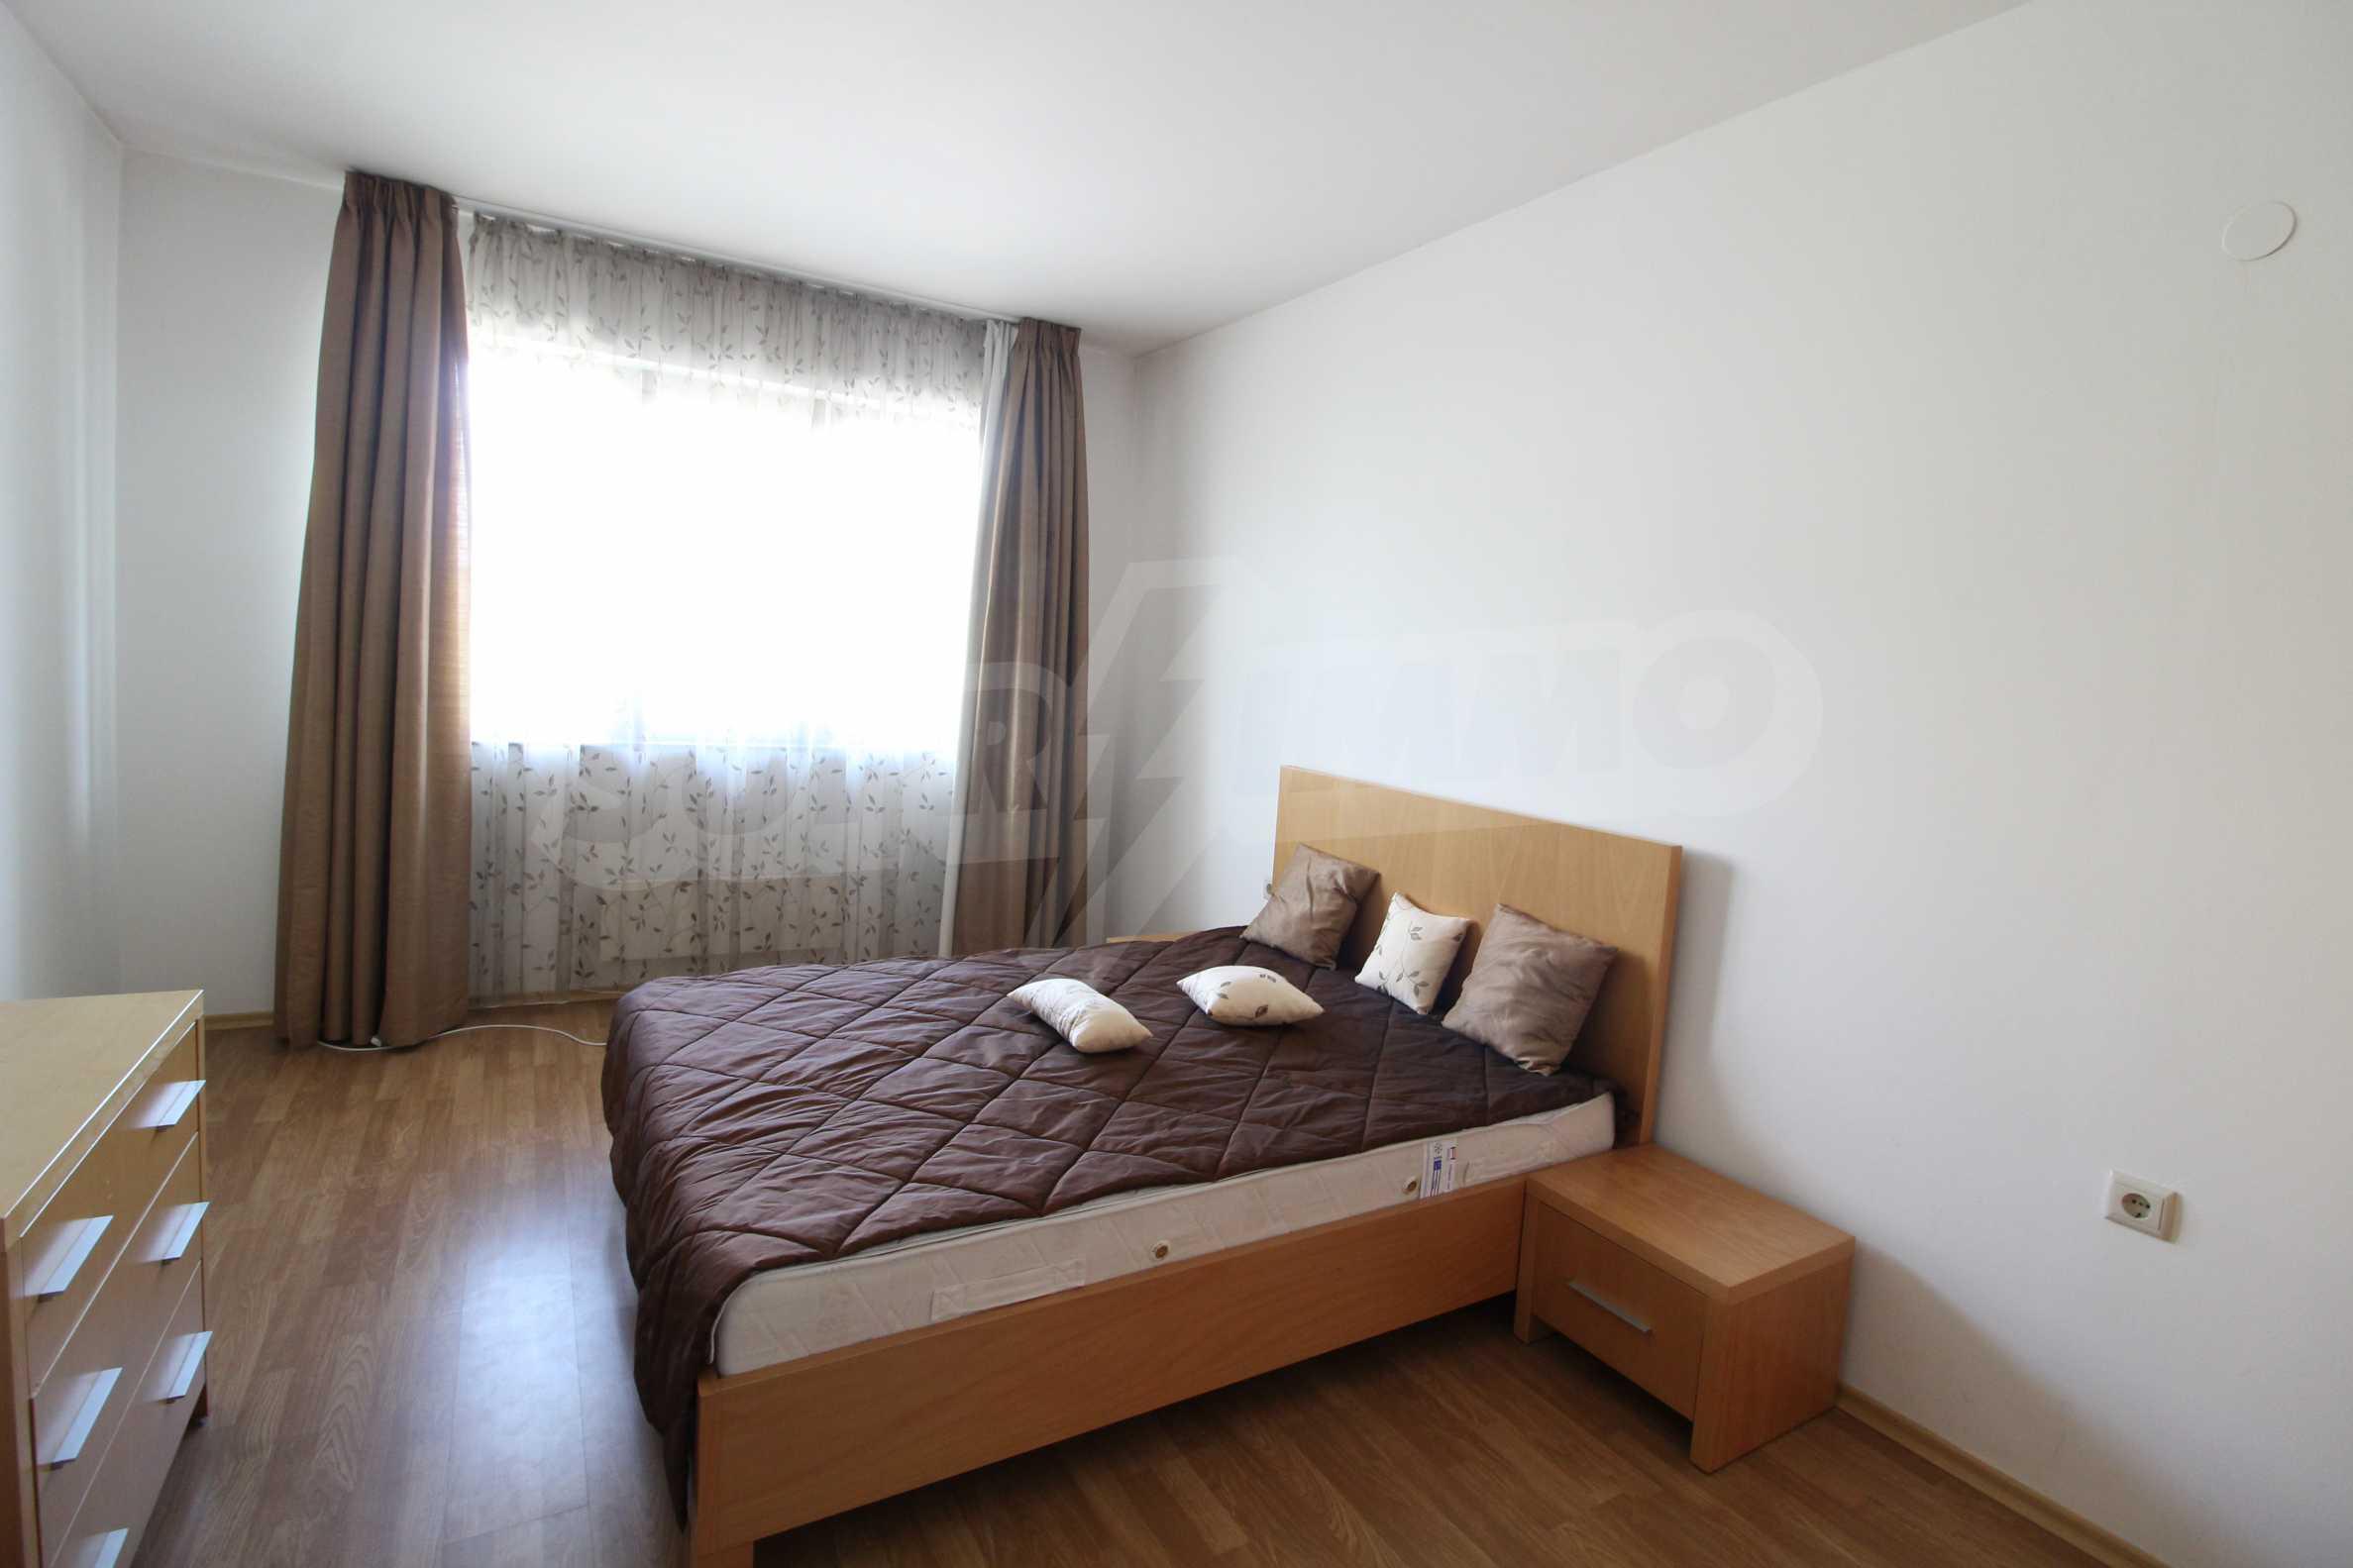 Möbliertes Apartment mit zwei Schlafzimmern im Top Lodge-Komplex, nur wenige Meter vom Skilift in Bansko entfernt 7